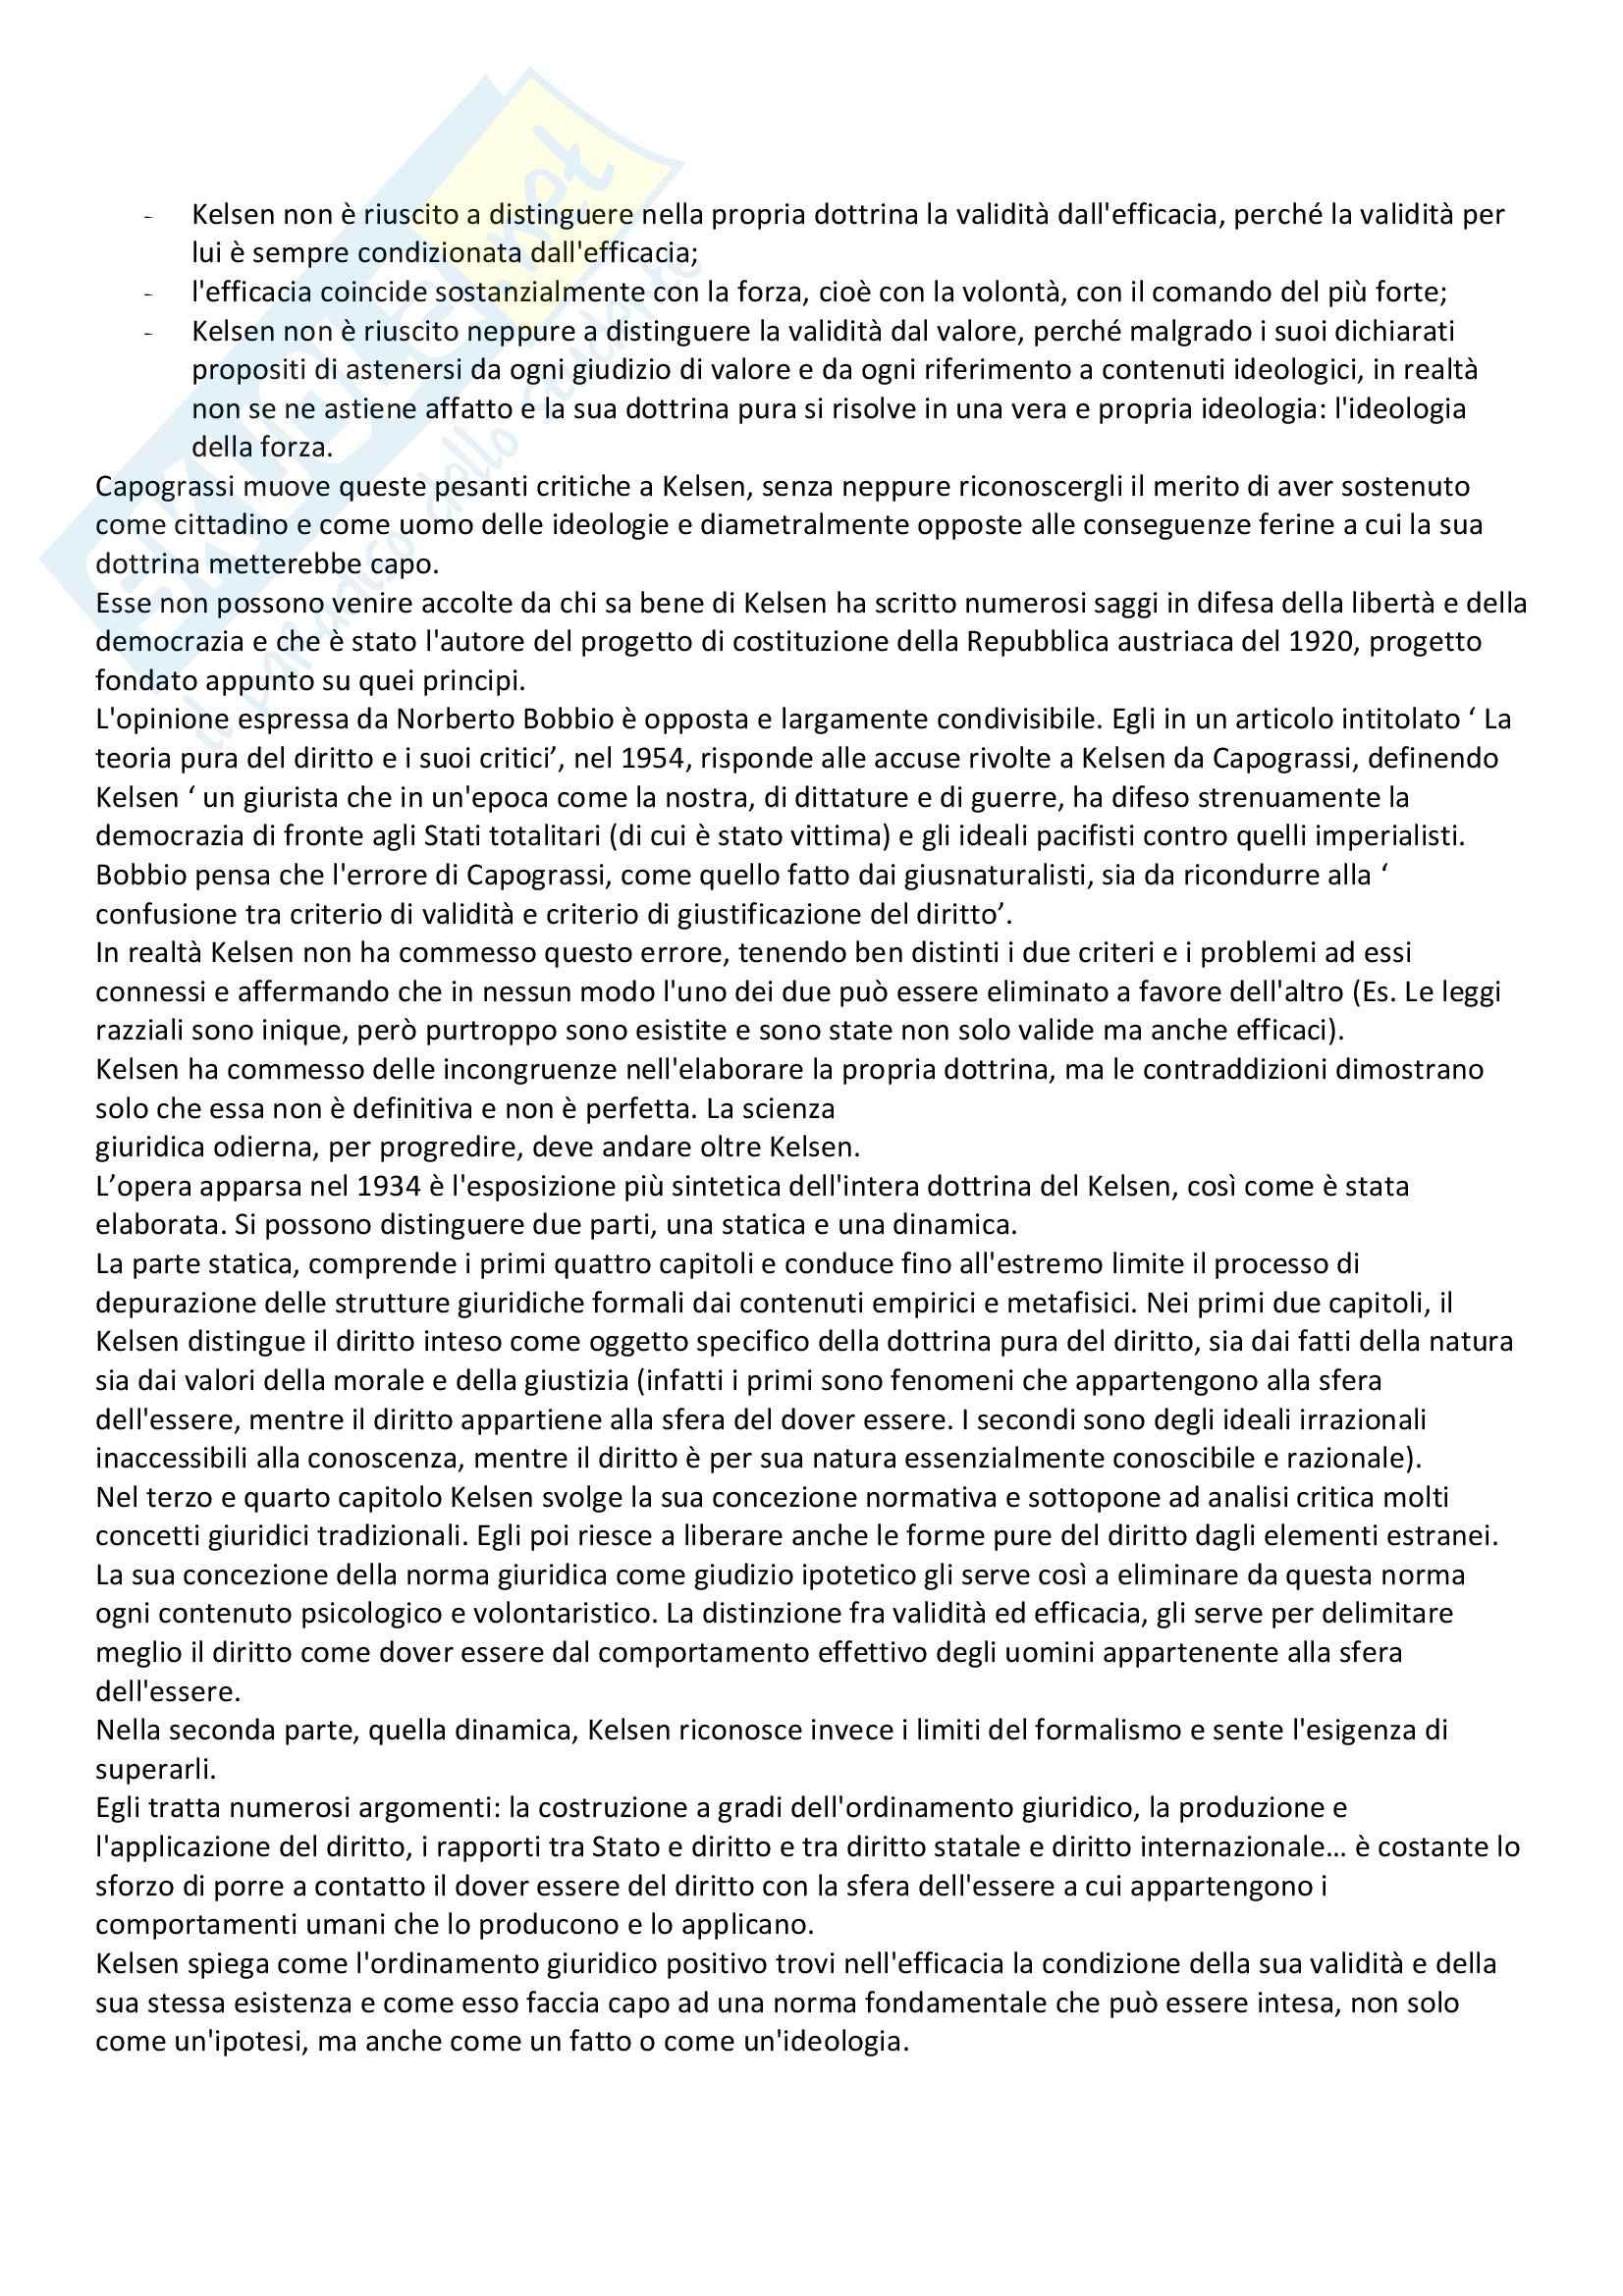 Lineamenti di dottrina pura del diritto, Kelsen - Appunti Pag. 2